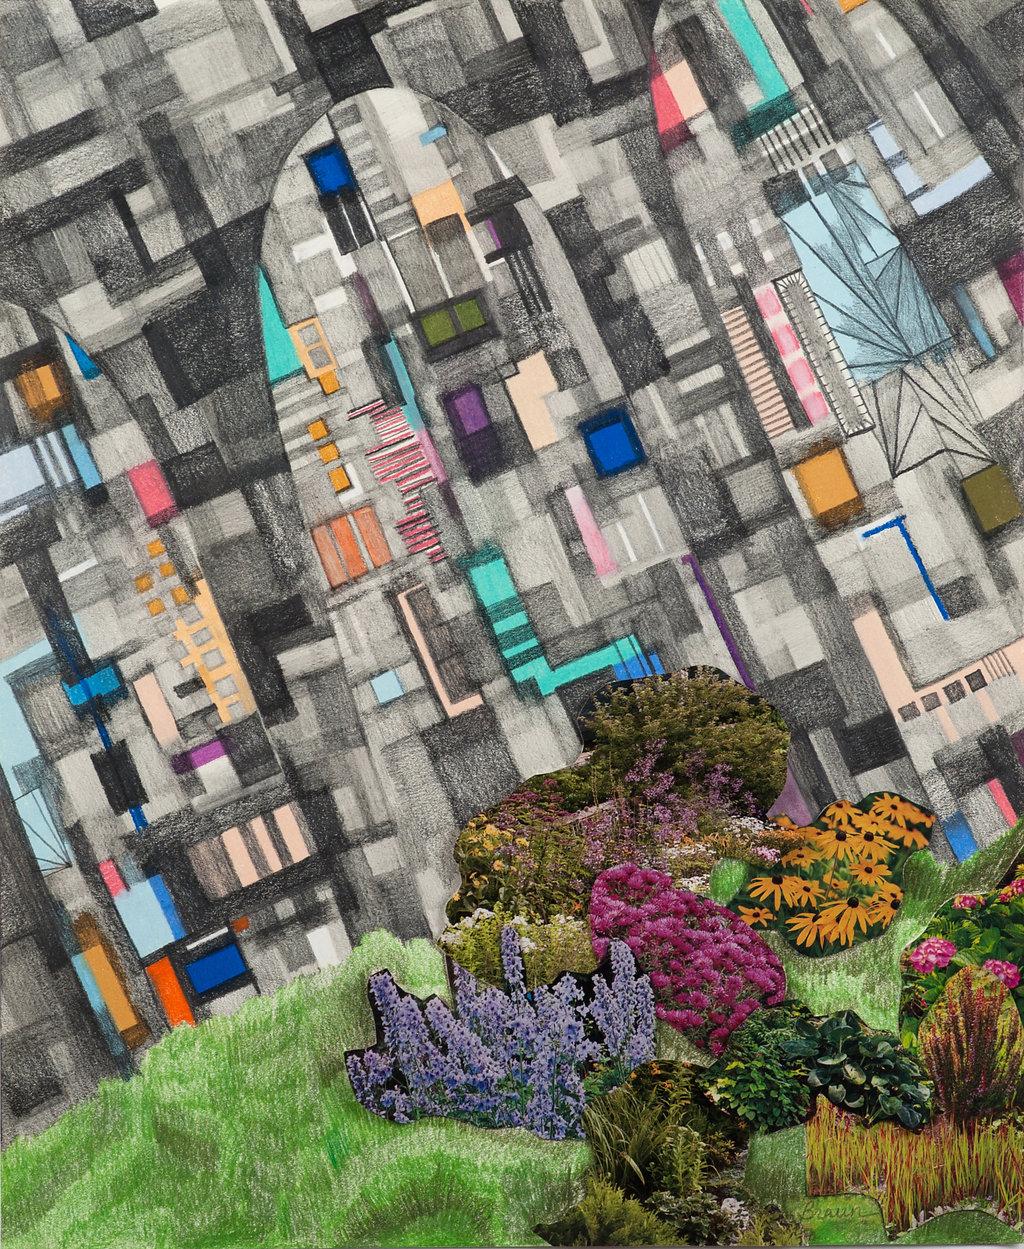 Voguish Urban Urban 2016 Lauren Braun Oasis Drawings Hgtv Urban Oasis 2016 Plan Hgtv Urban Oasis 2016 Paint Colors houzz-02 Urban Oasis 2016